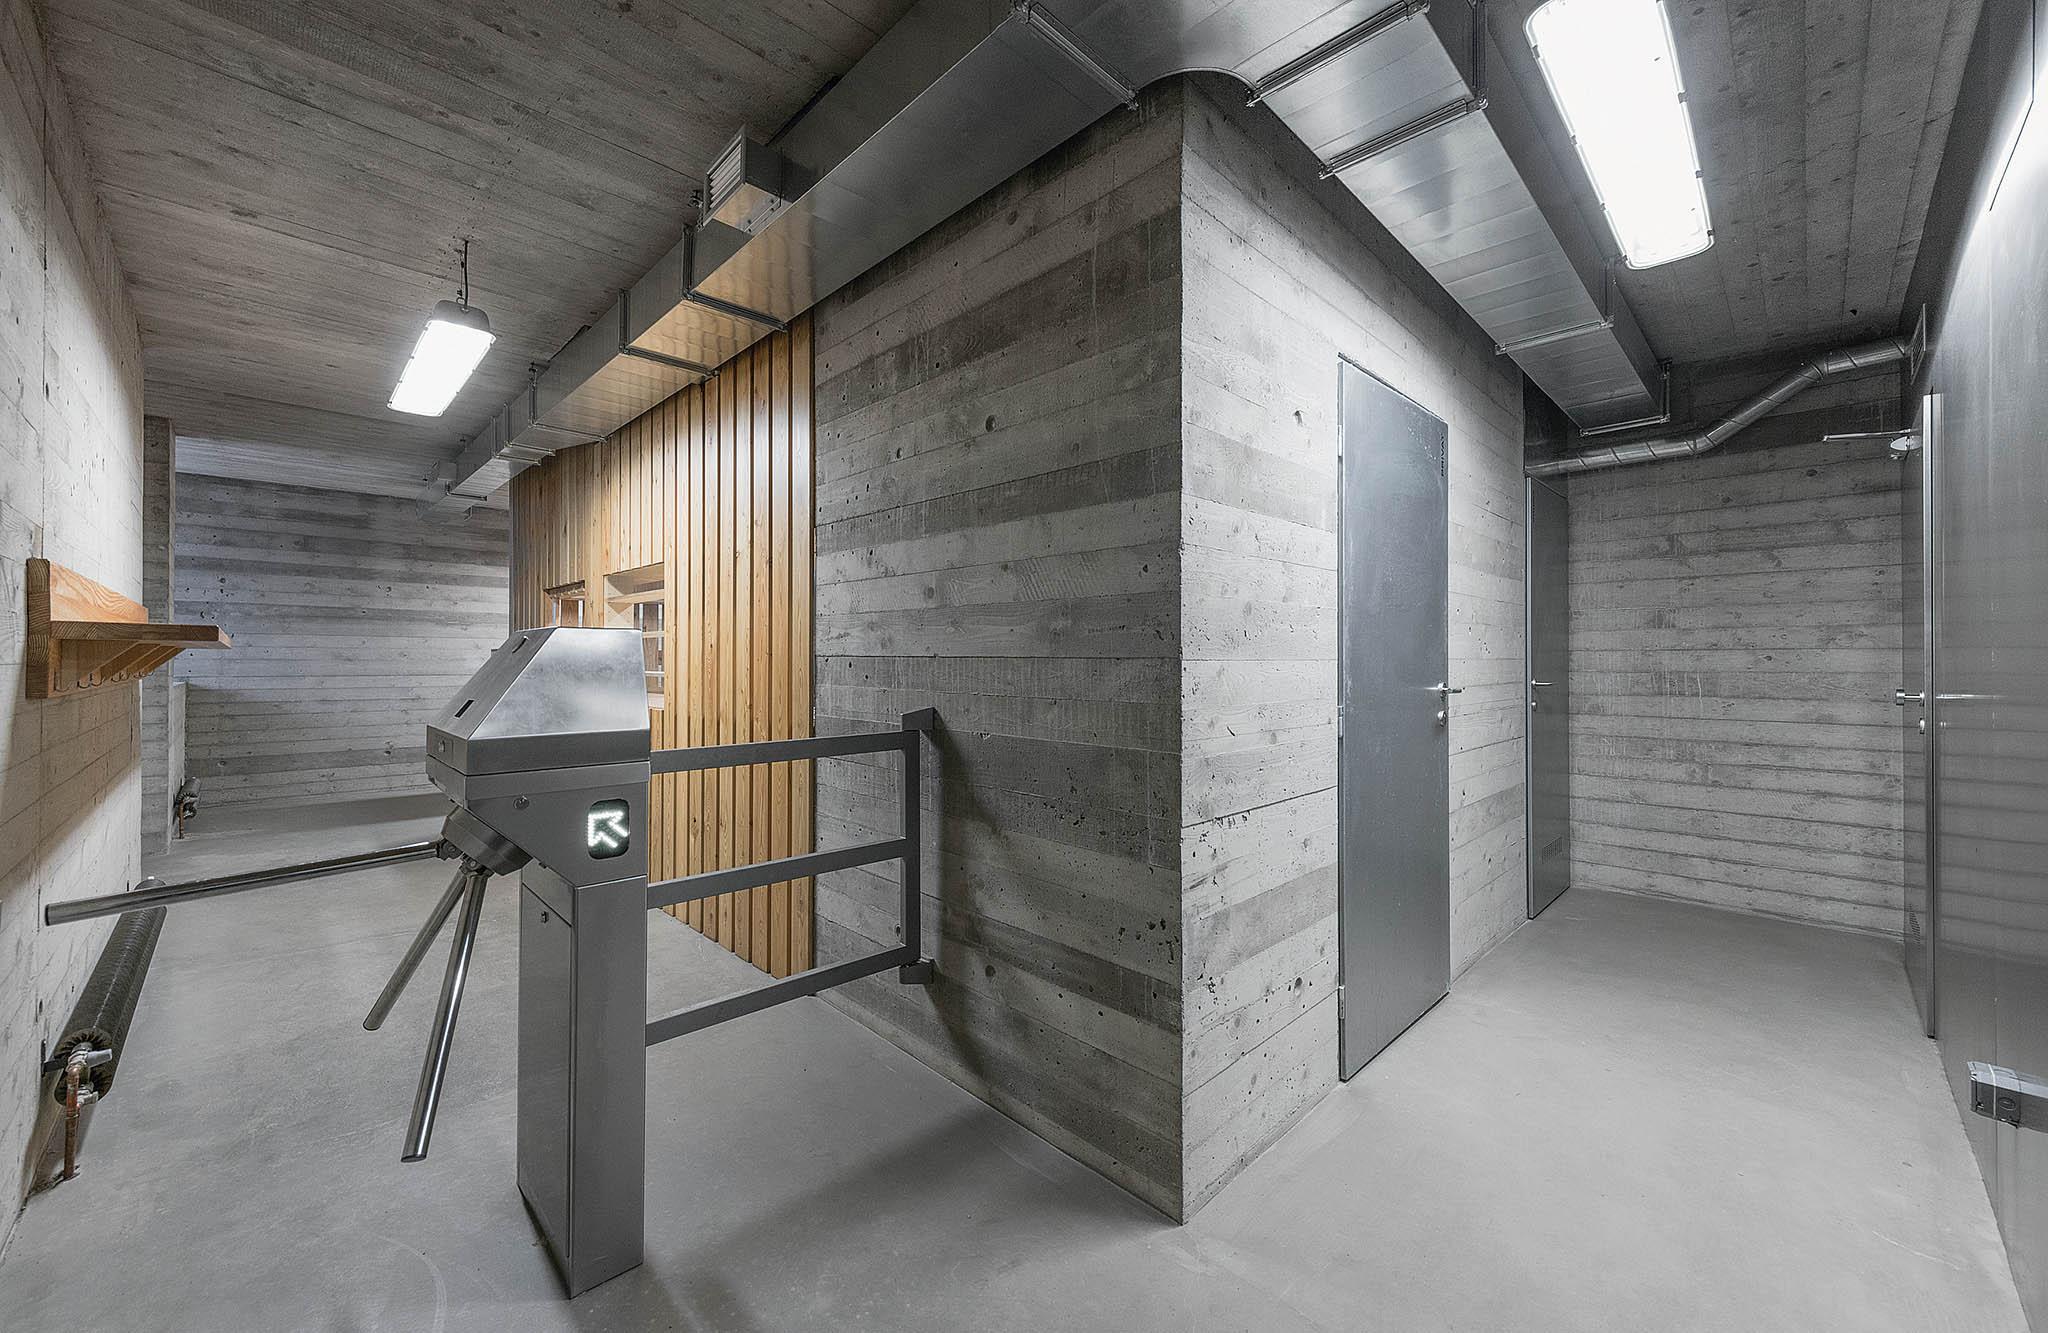 Budova musela zahrnovat všechny věci, které investor požadoval, tedy restauraci, toalety, bufet imožnost přespání.